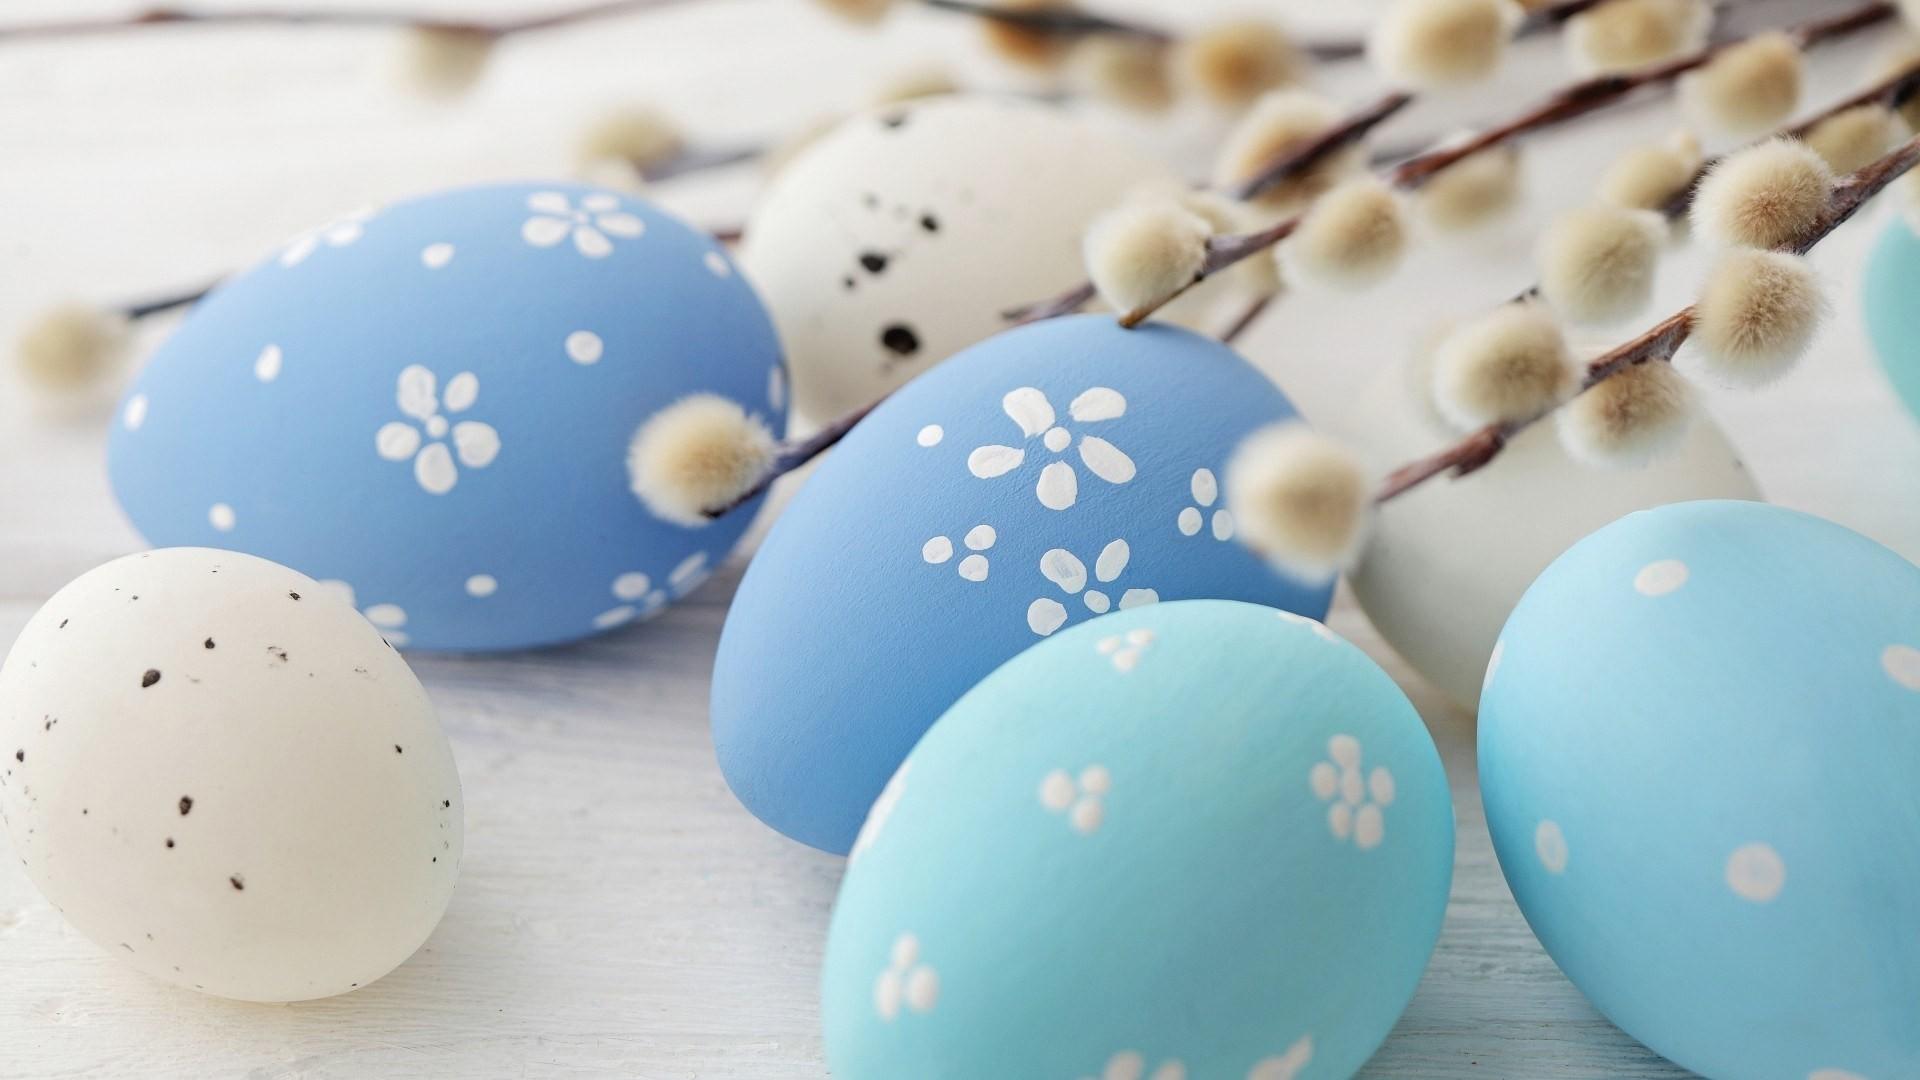 Easter Egg Decoration Image